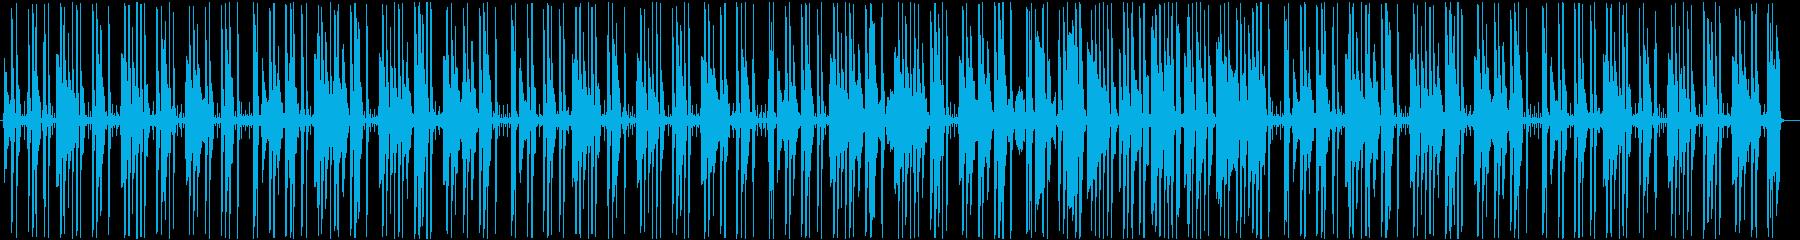 日常の会話シーンで流れる曲の再生済みの波形